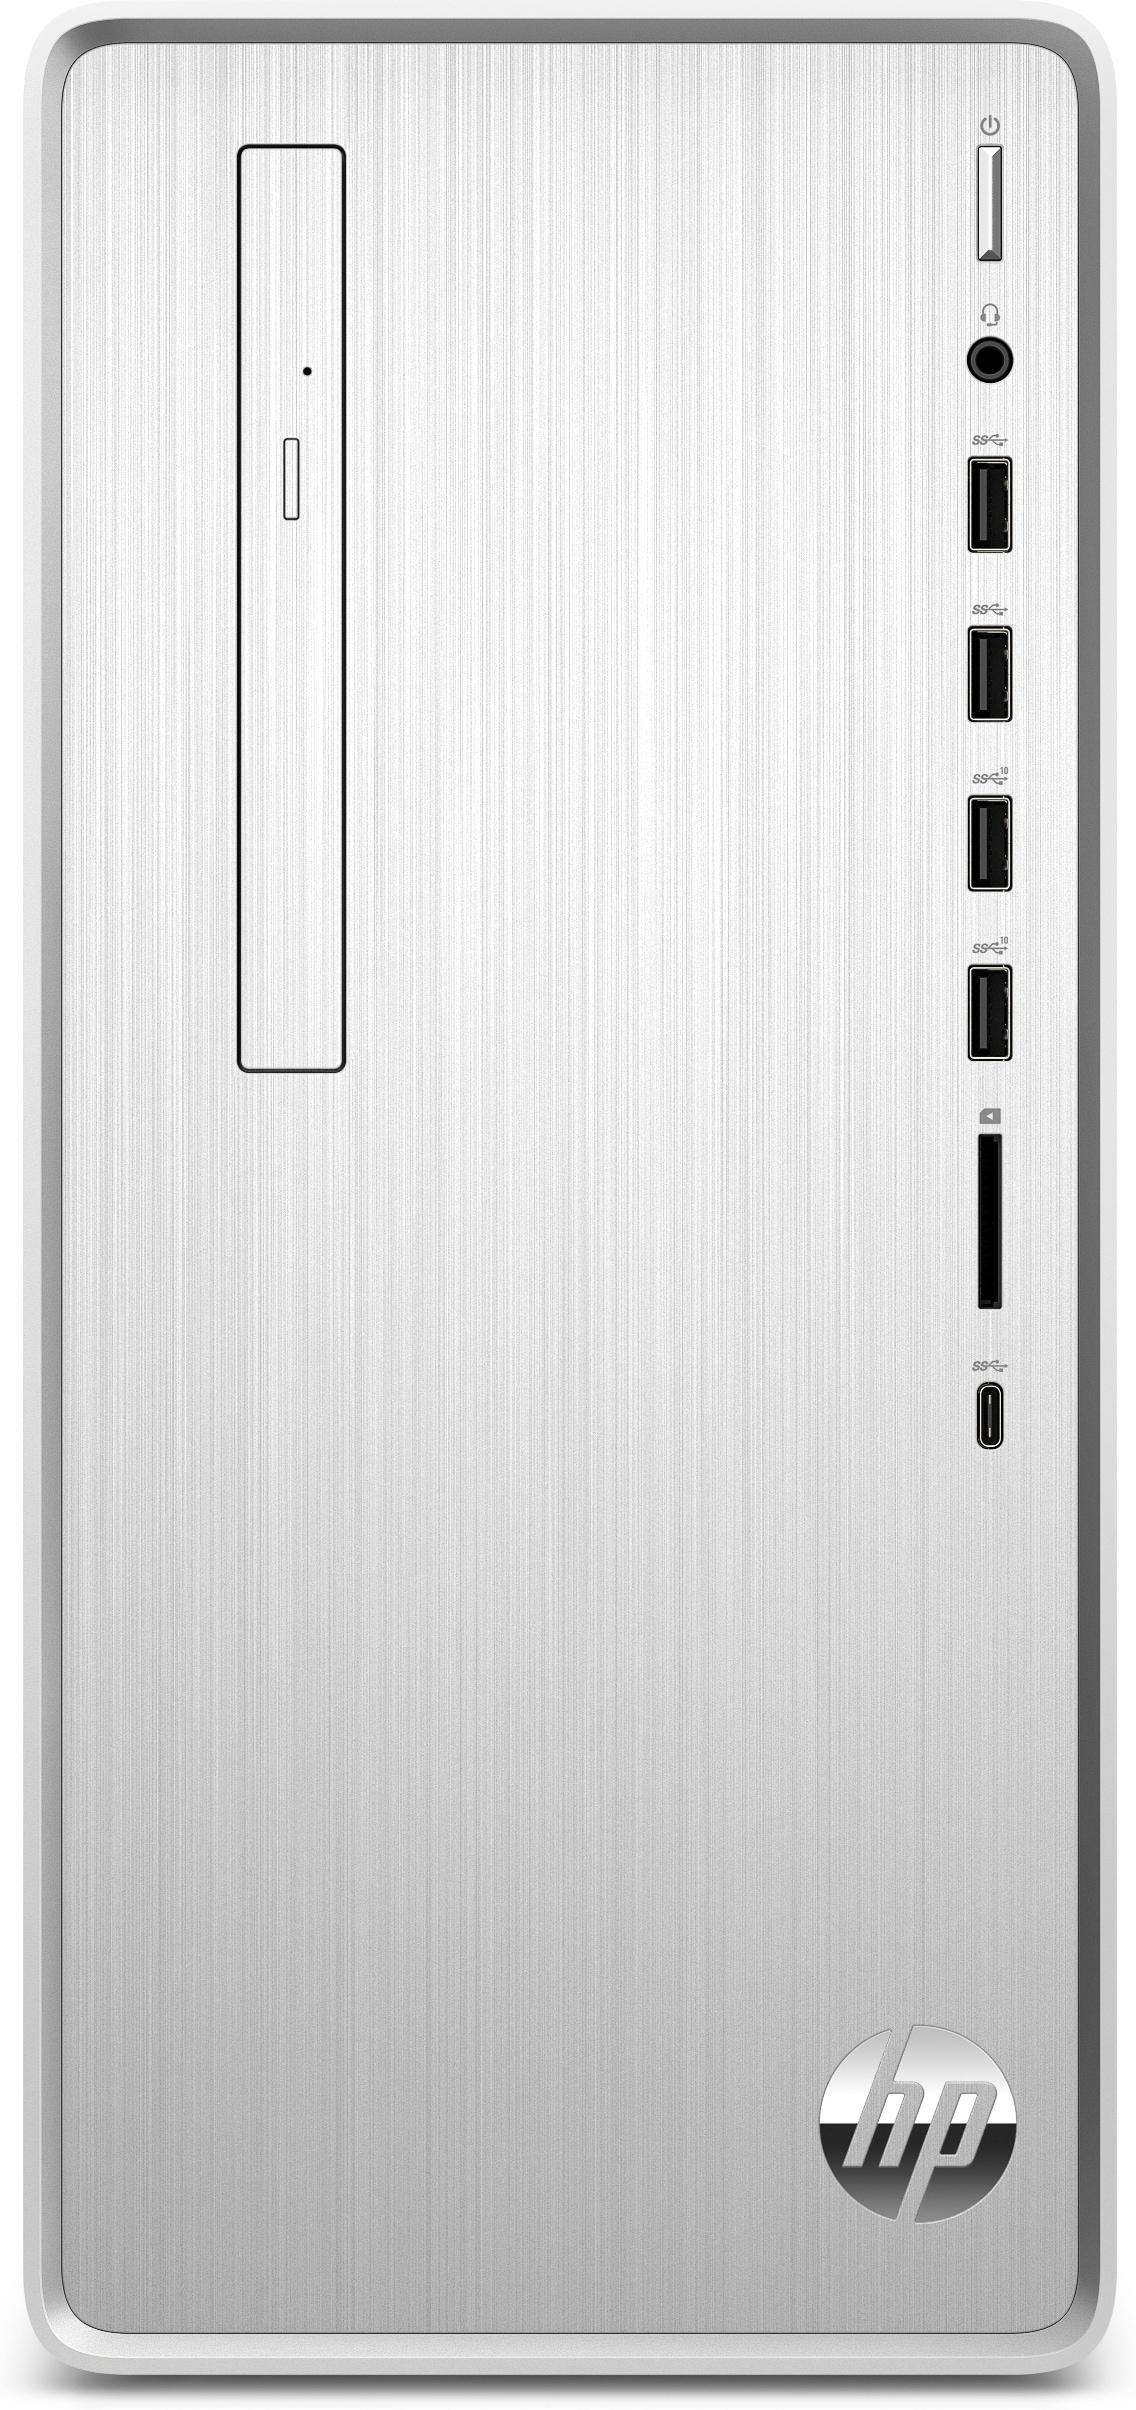 Hp Processore: Intel Core i5-9400F (9MB Cache, 2.9GHz) - Tp01-0145nl